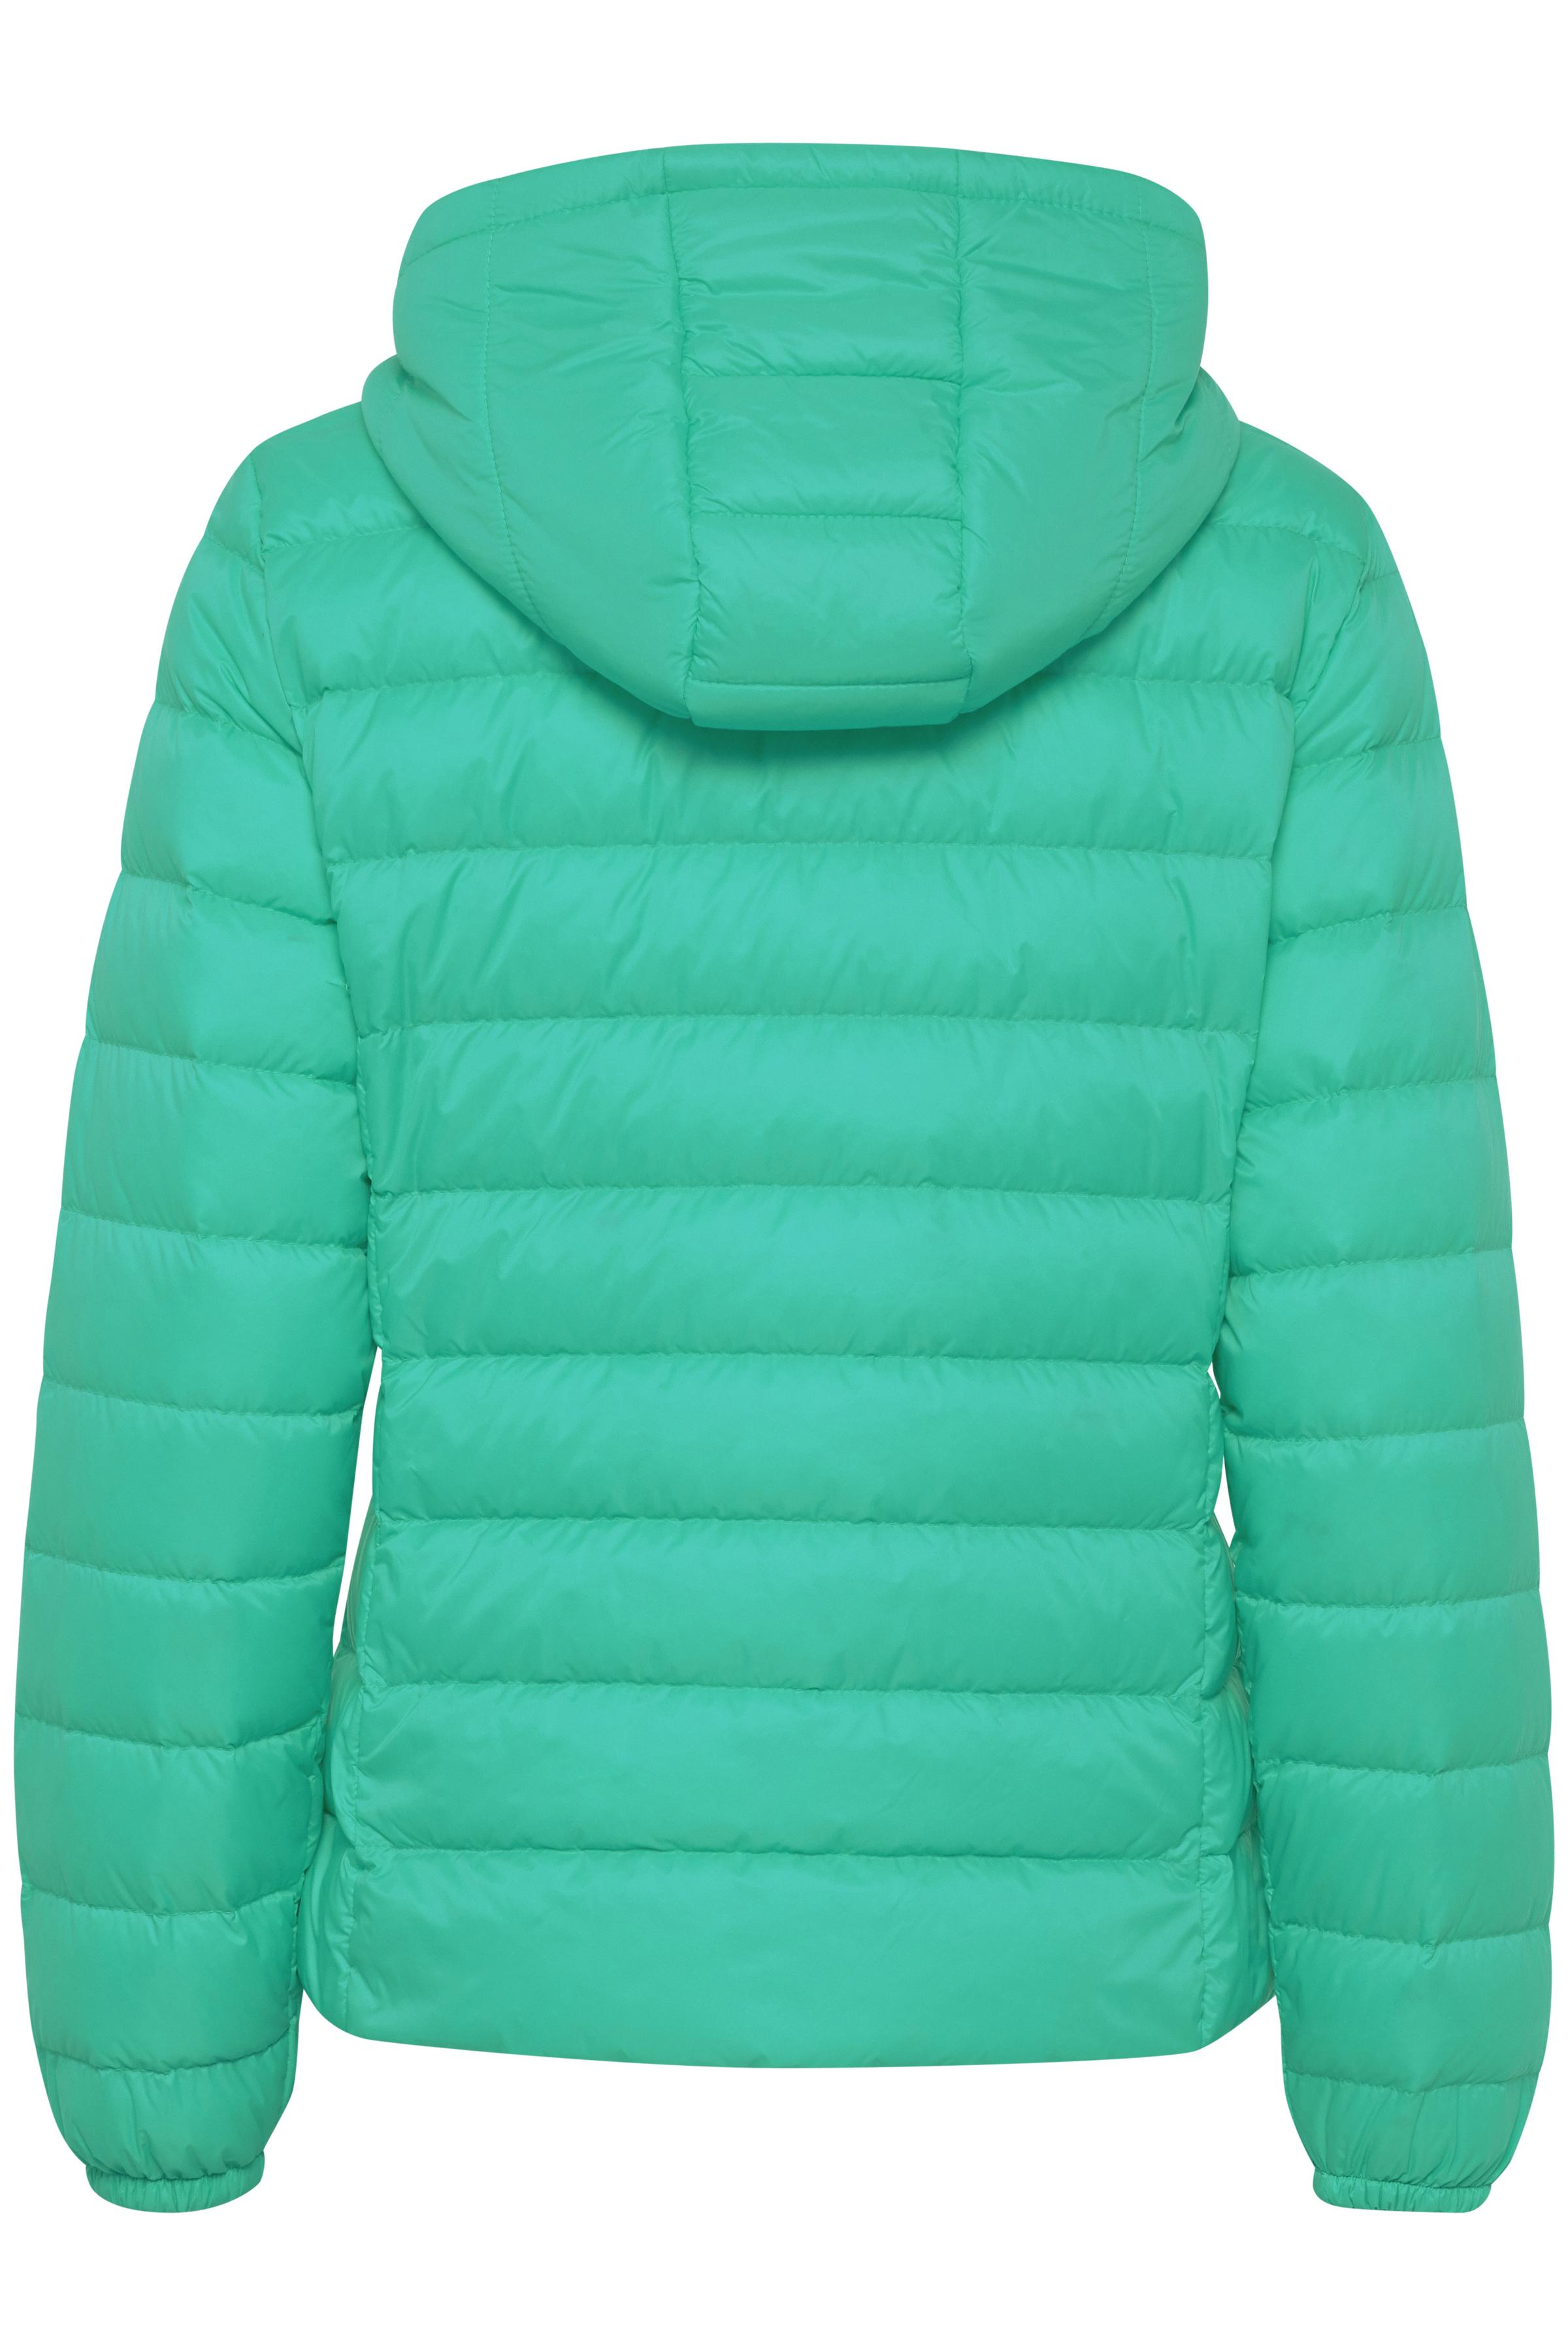 Fresh Green Jas van b.young – Koop Fresh Green Jas hier van size 36-46